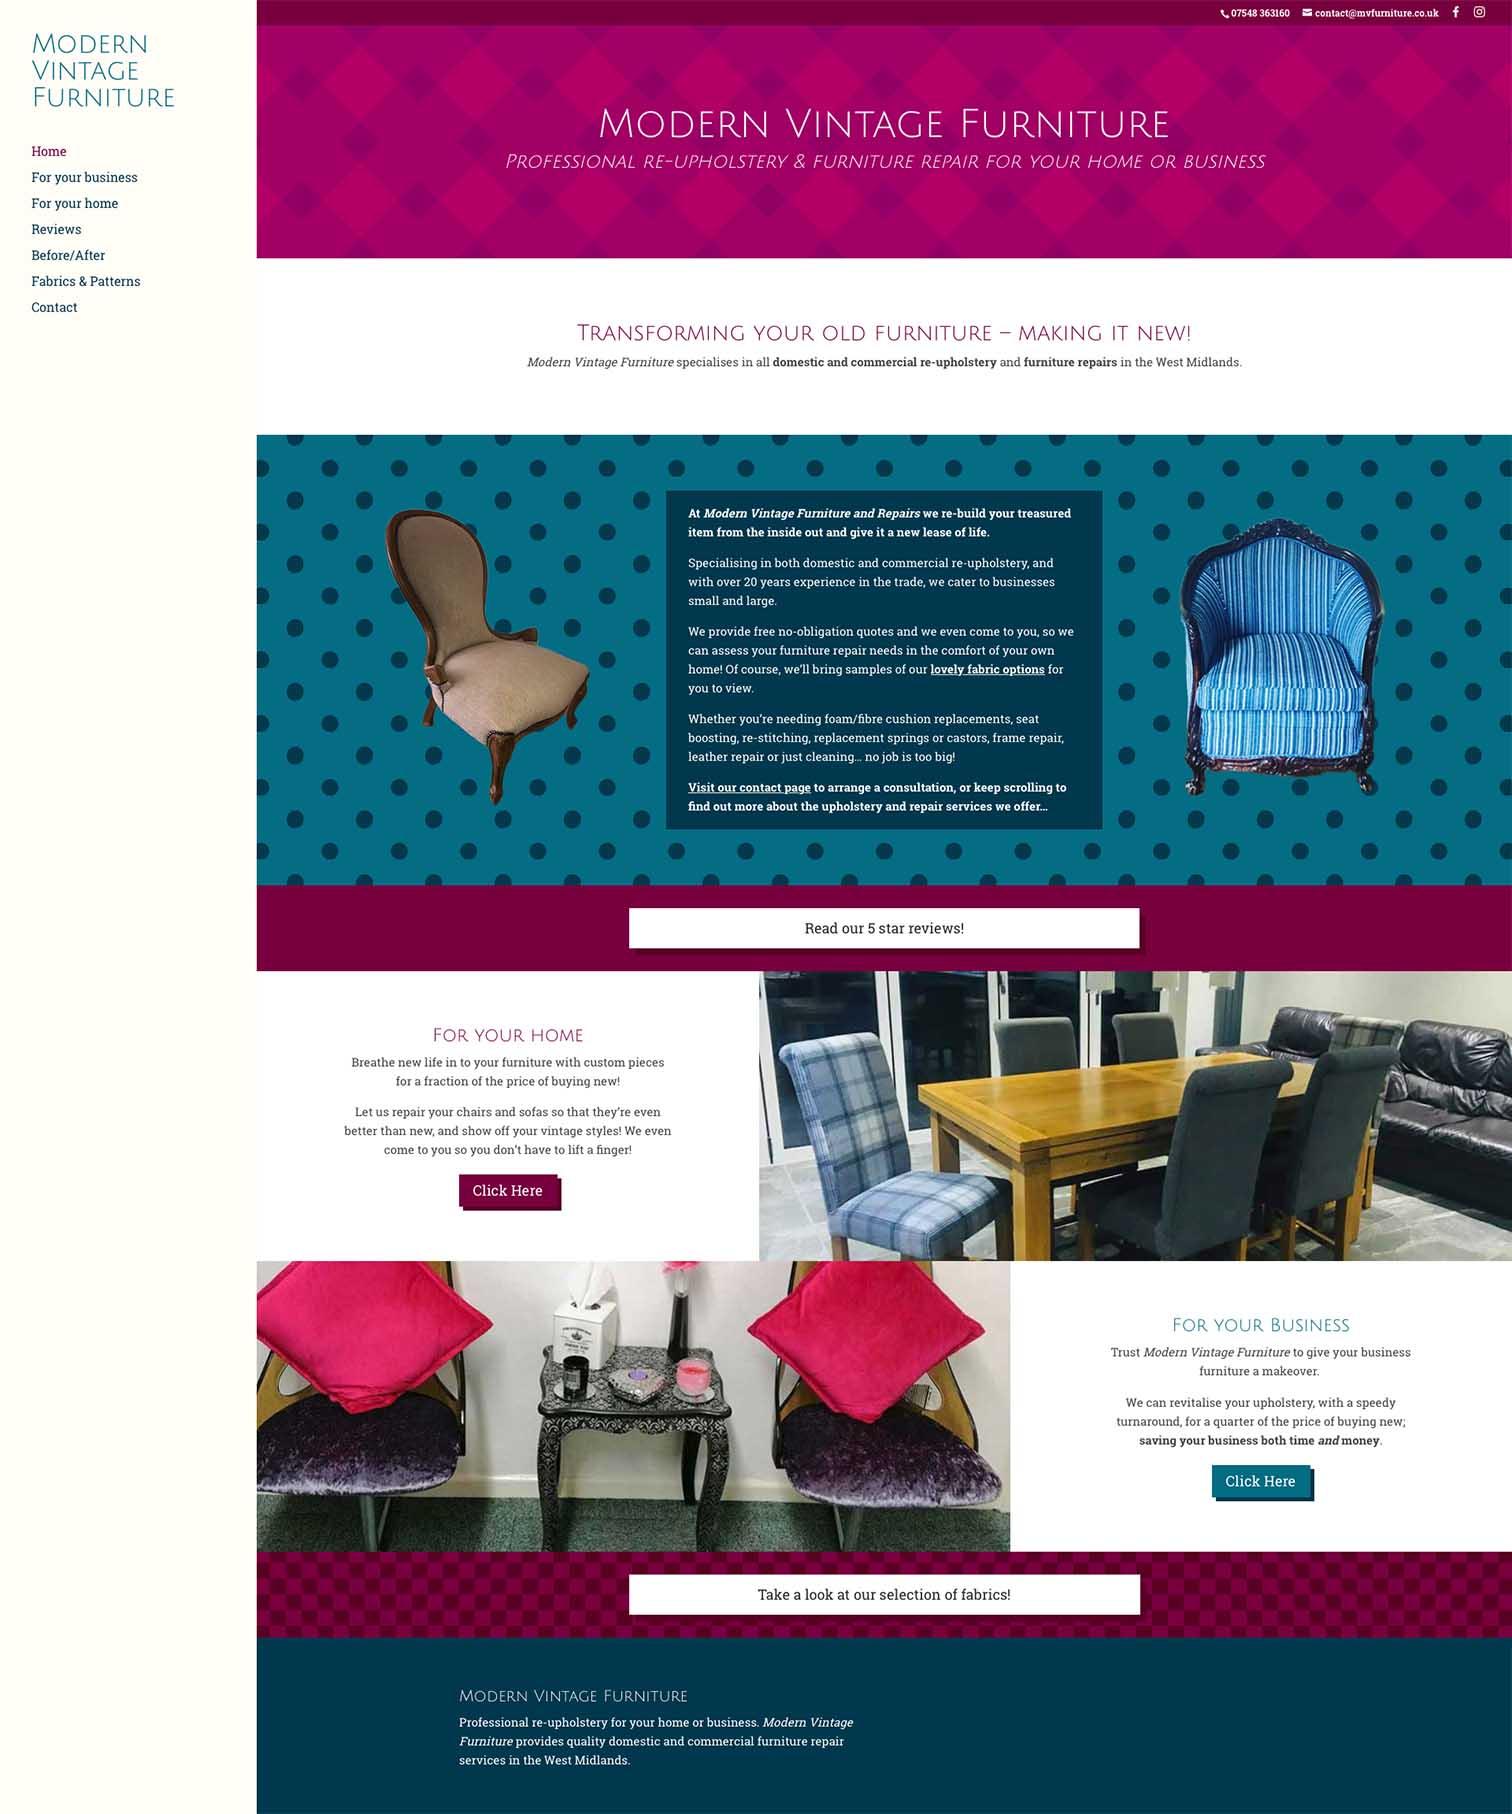 MV Furniture West Midlands Vintage Website Design - Be Gallant